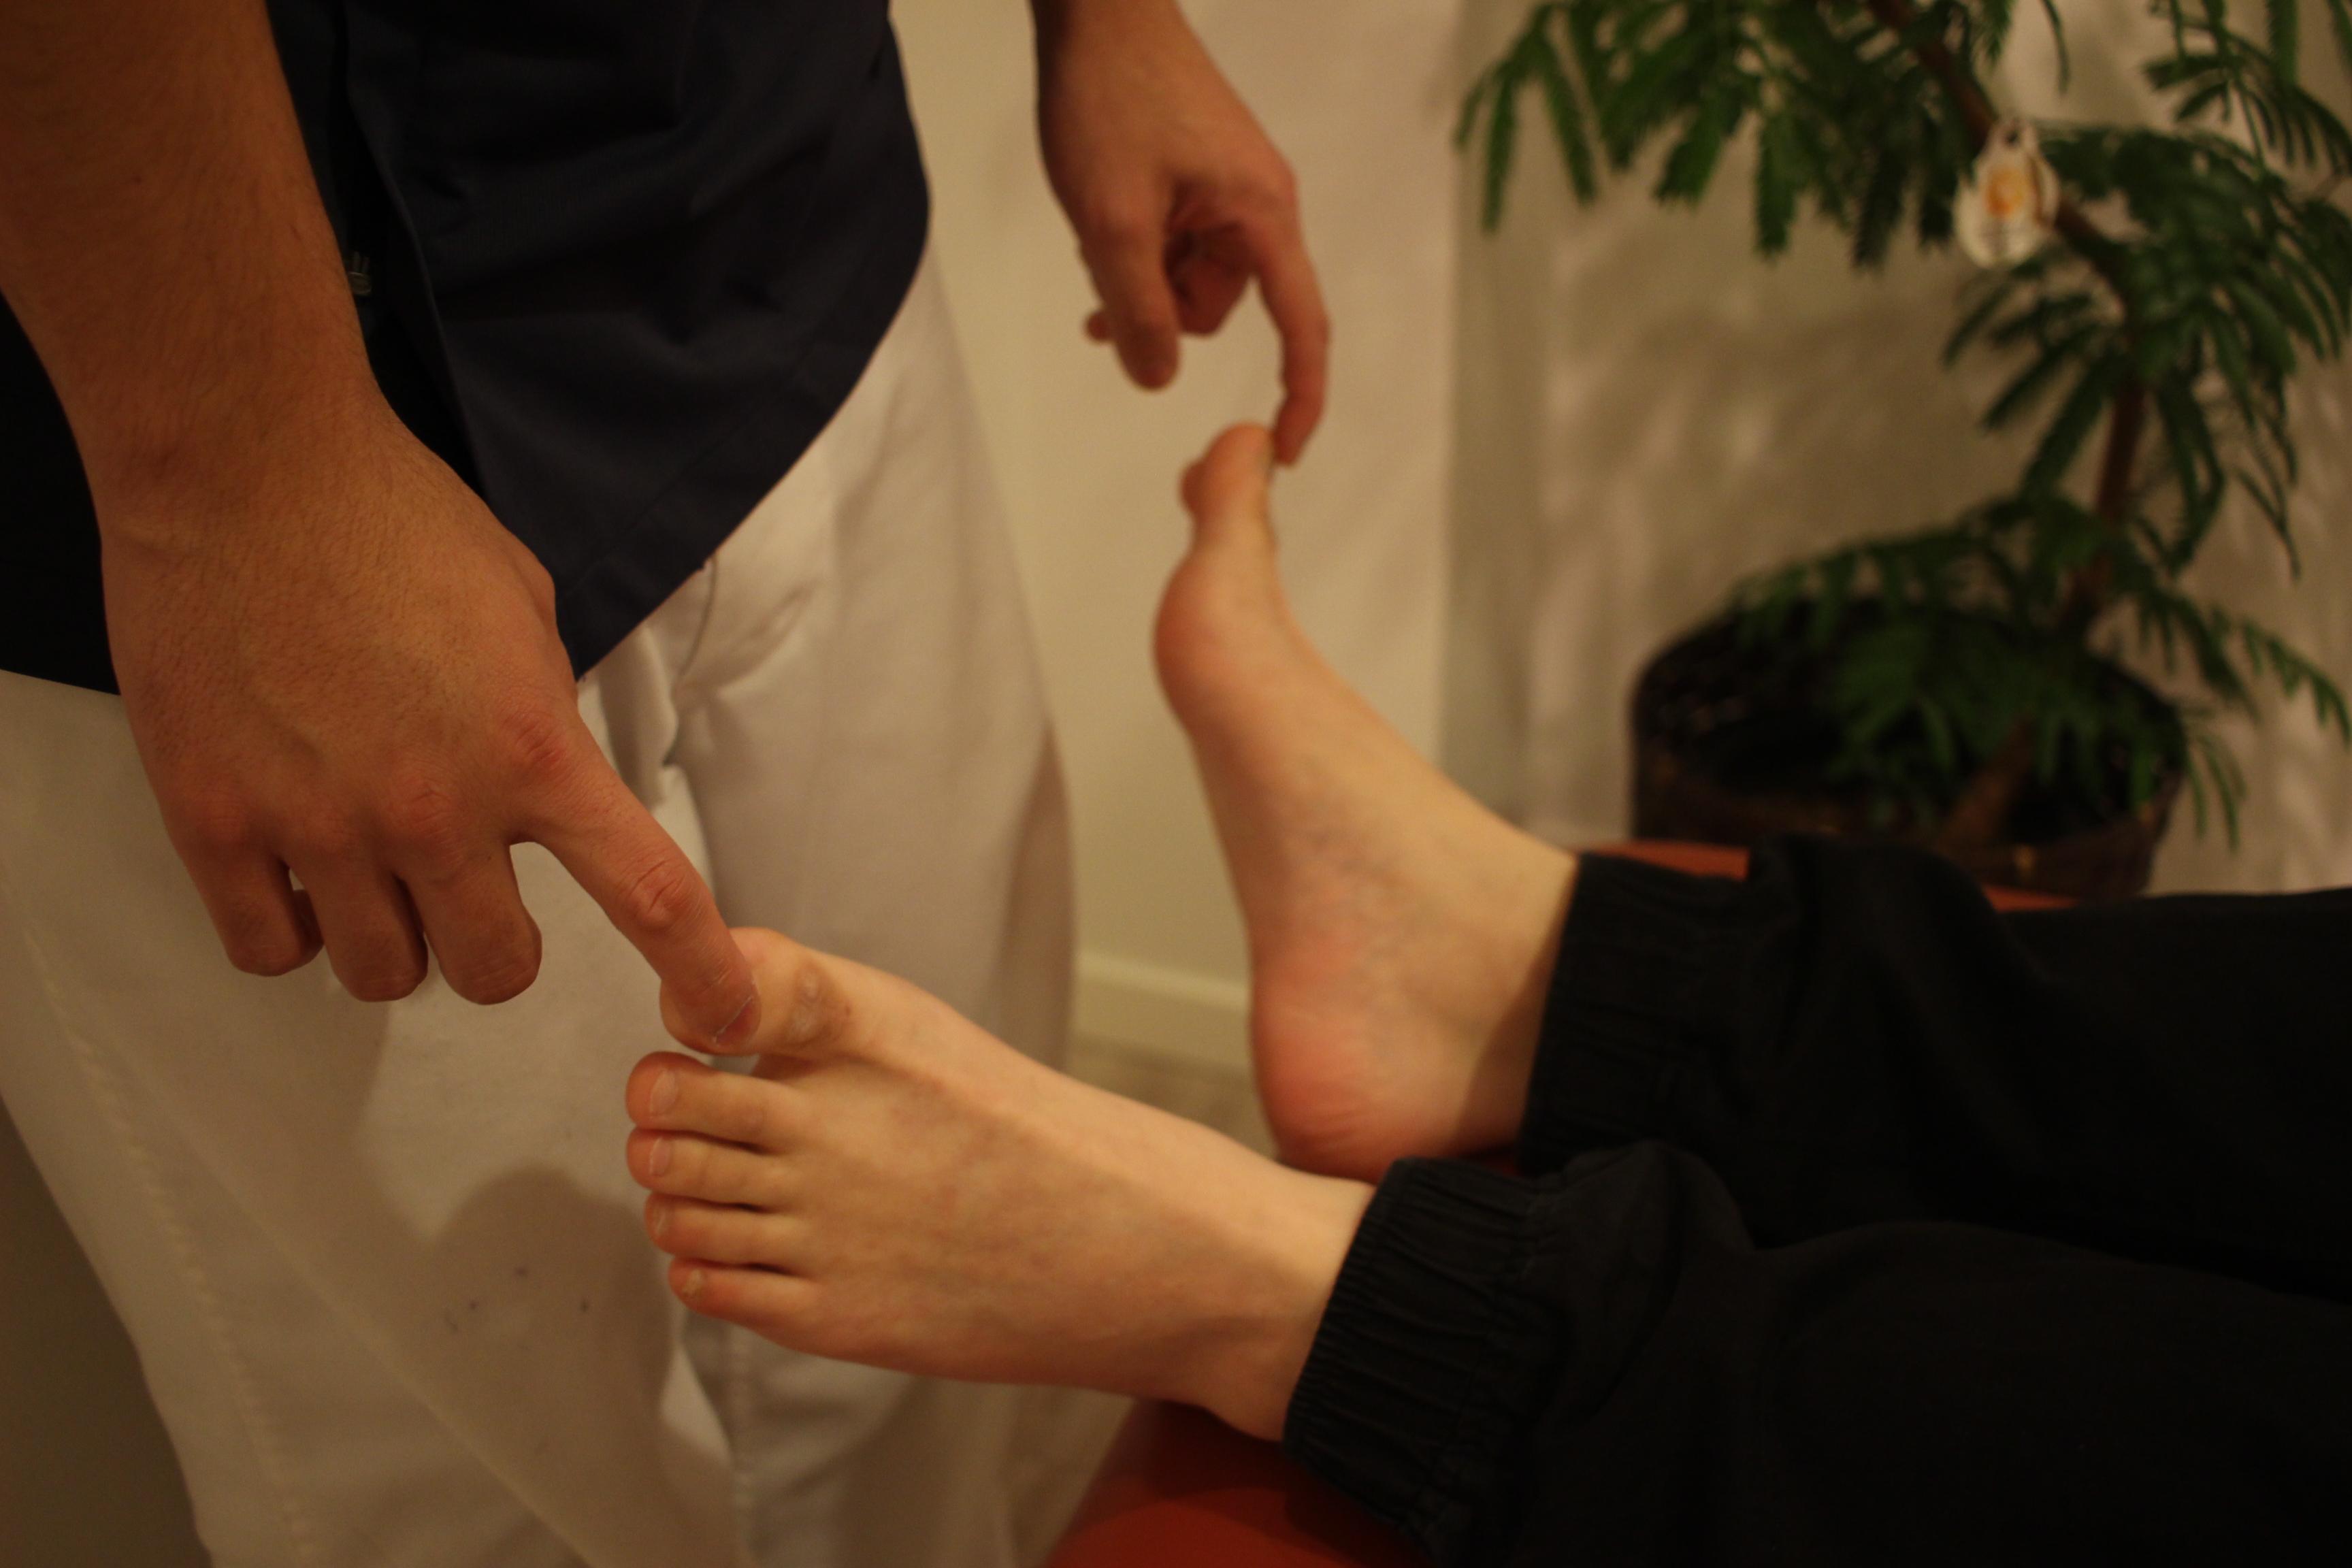 足のしびれ・神経痛に筋力低下がともなっていないか検査している図